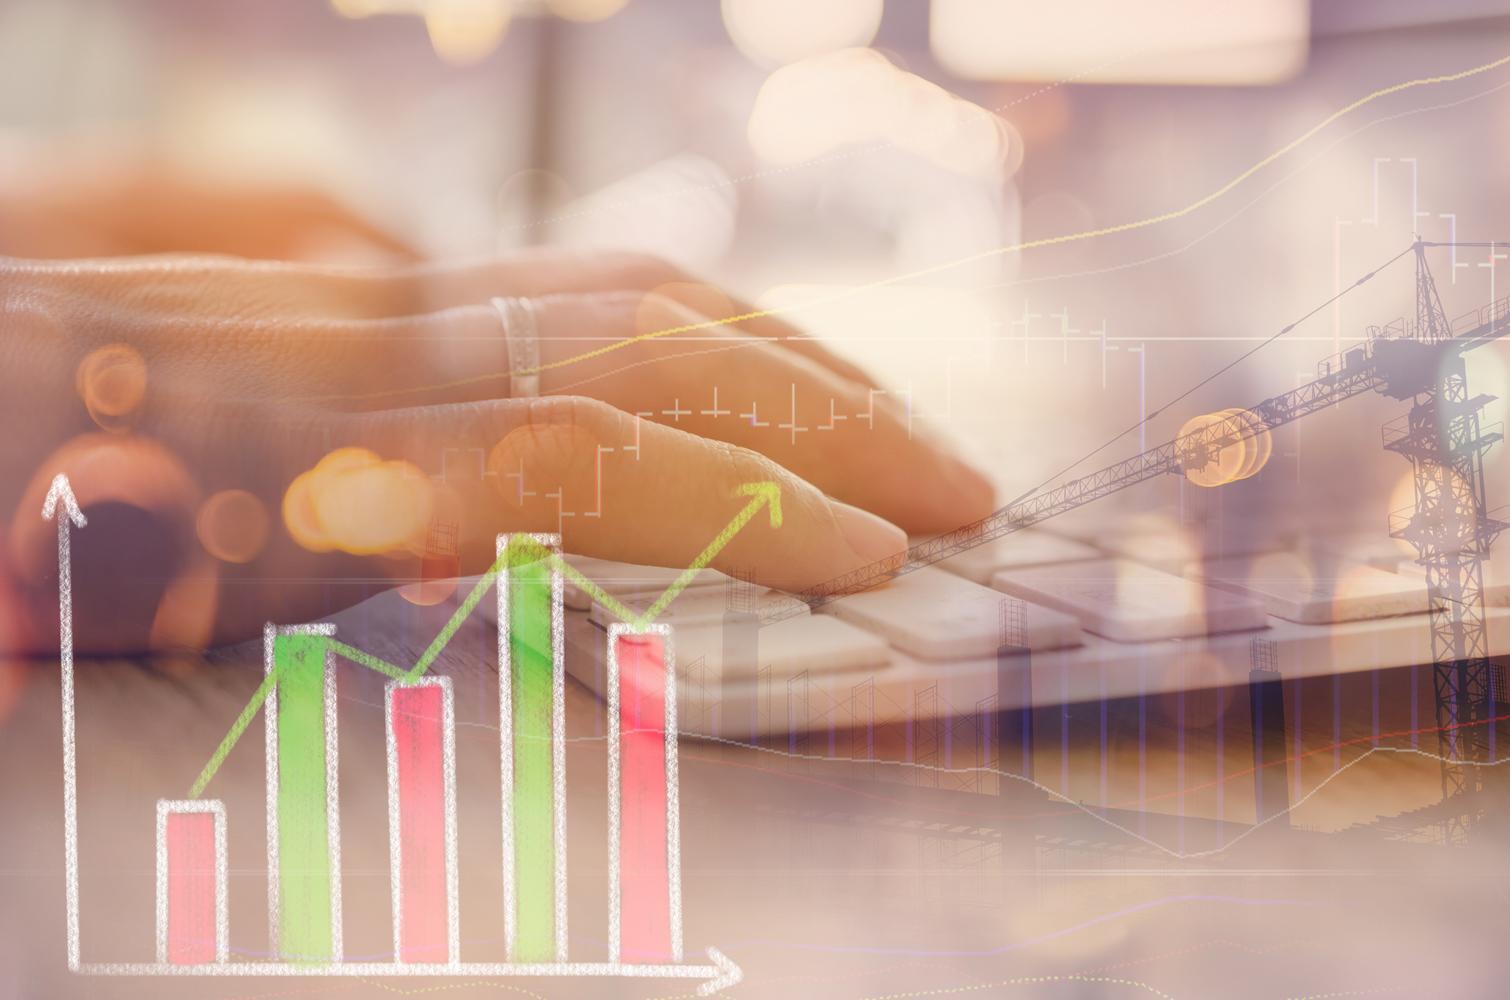 indicatori profitabili pentru tranzacționarea opțiunilor binare